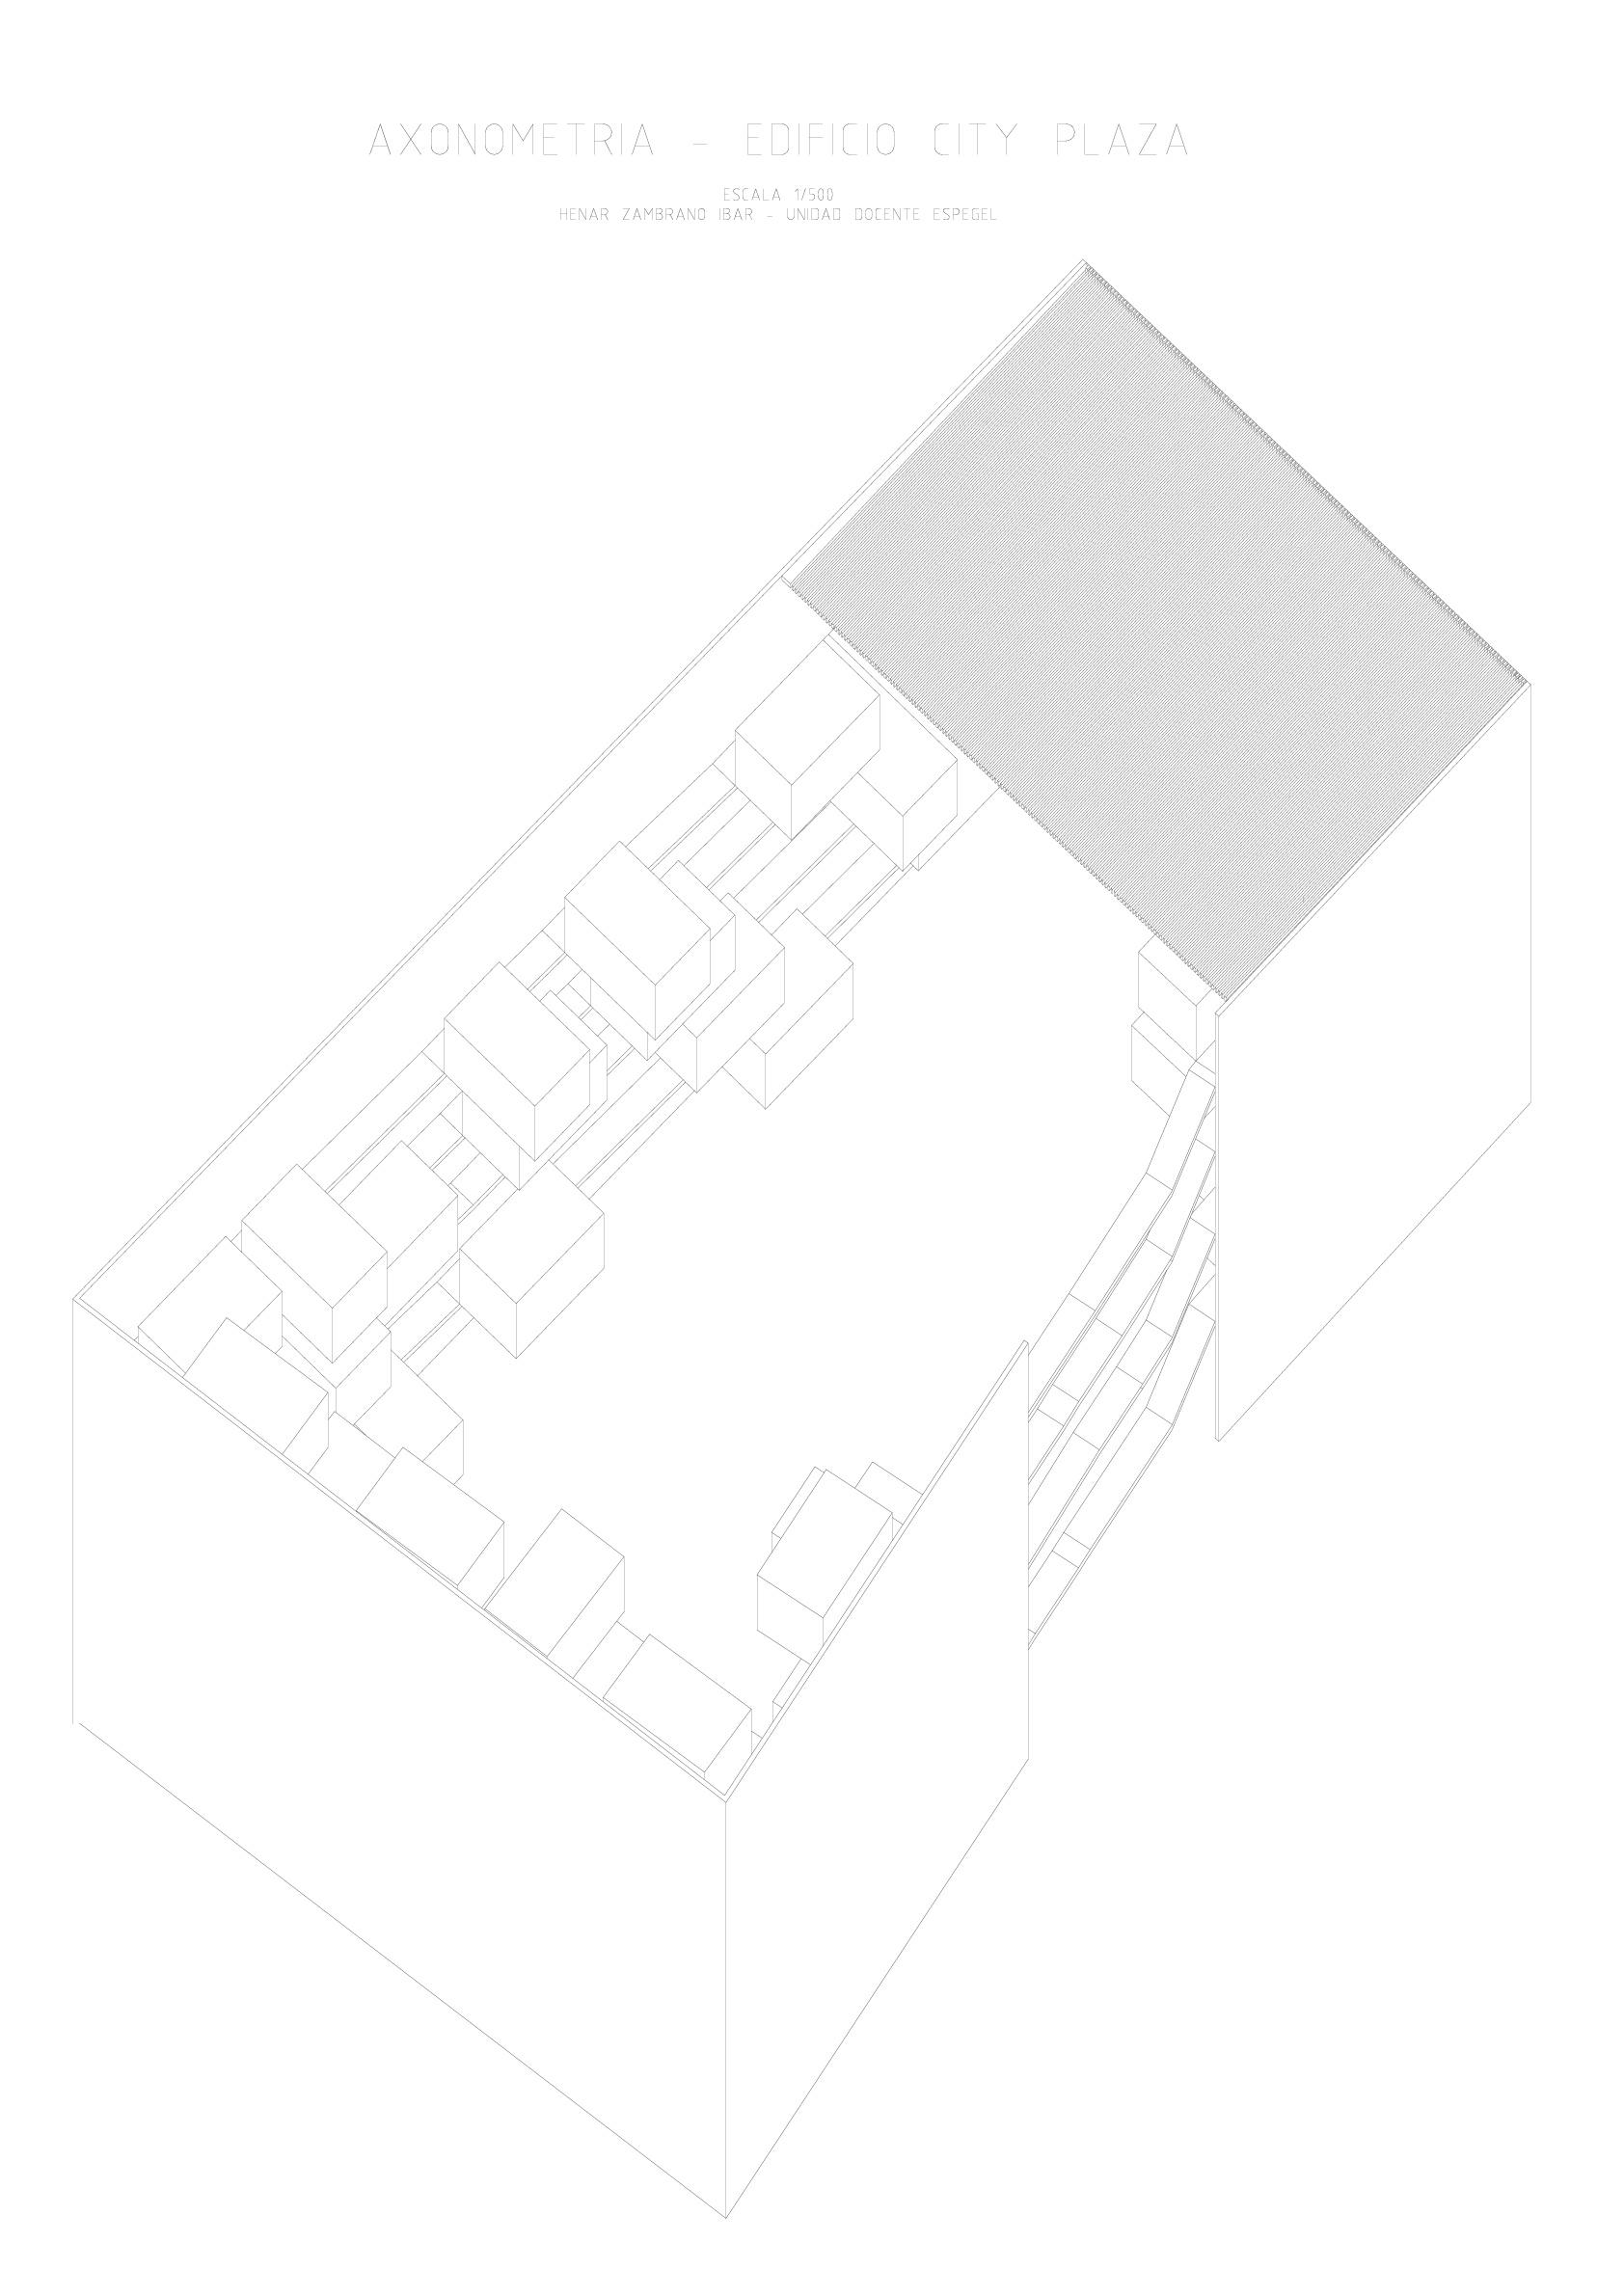 entrega gratuita//–/7//–/12/d/ías 8pcs silicona Collapsible/ /Jarra medidora Cuchara Cocina Herramientas BML-3//®////8Pcs Silicone Collapsible measu Anillo Cups Spoons Kitchen Tool